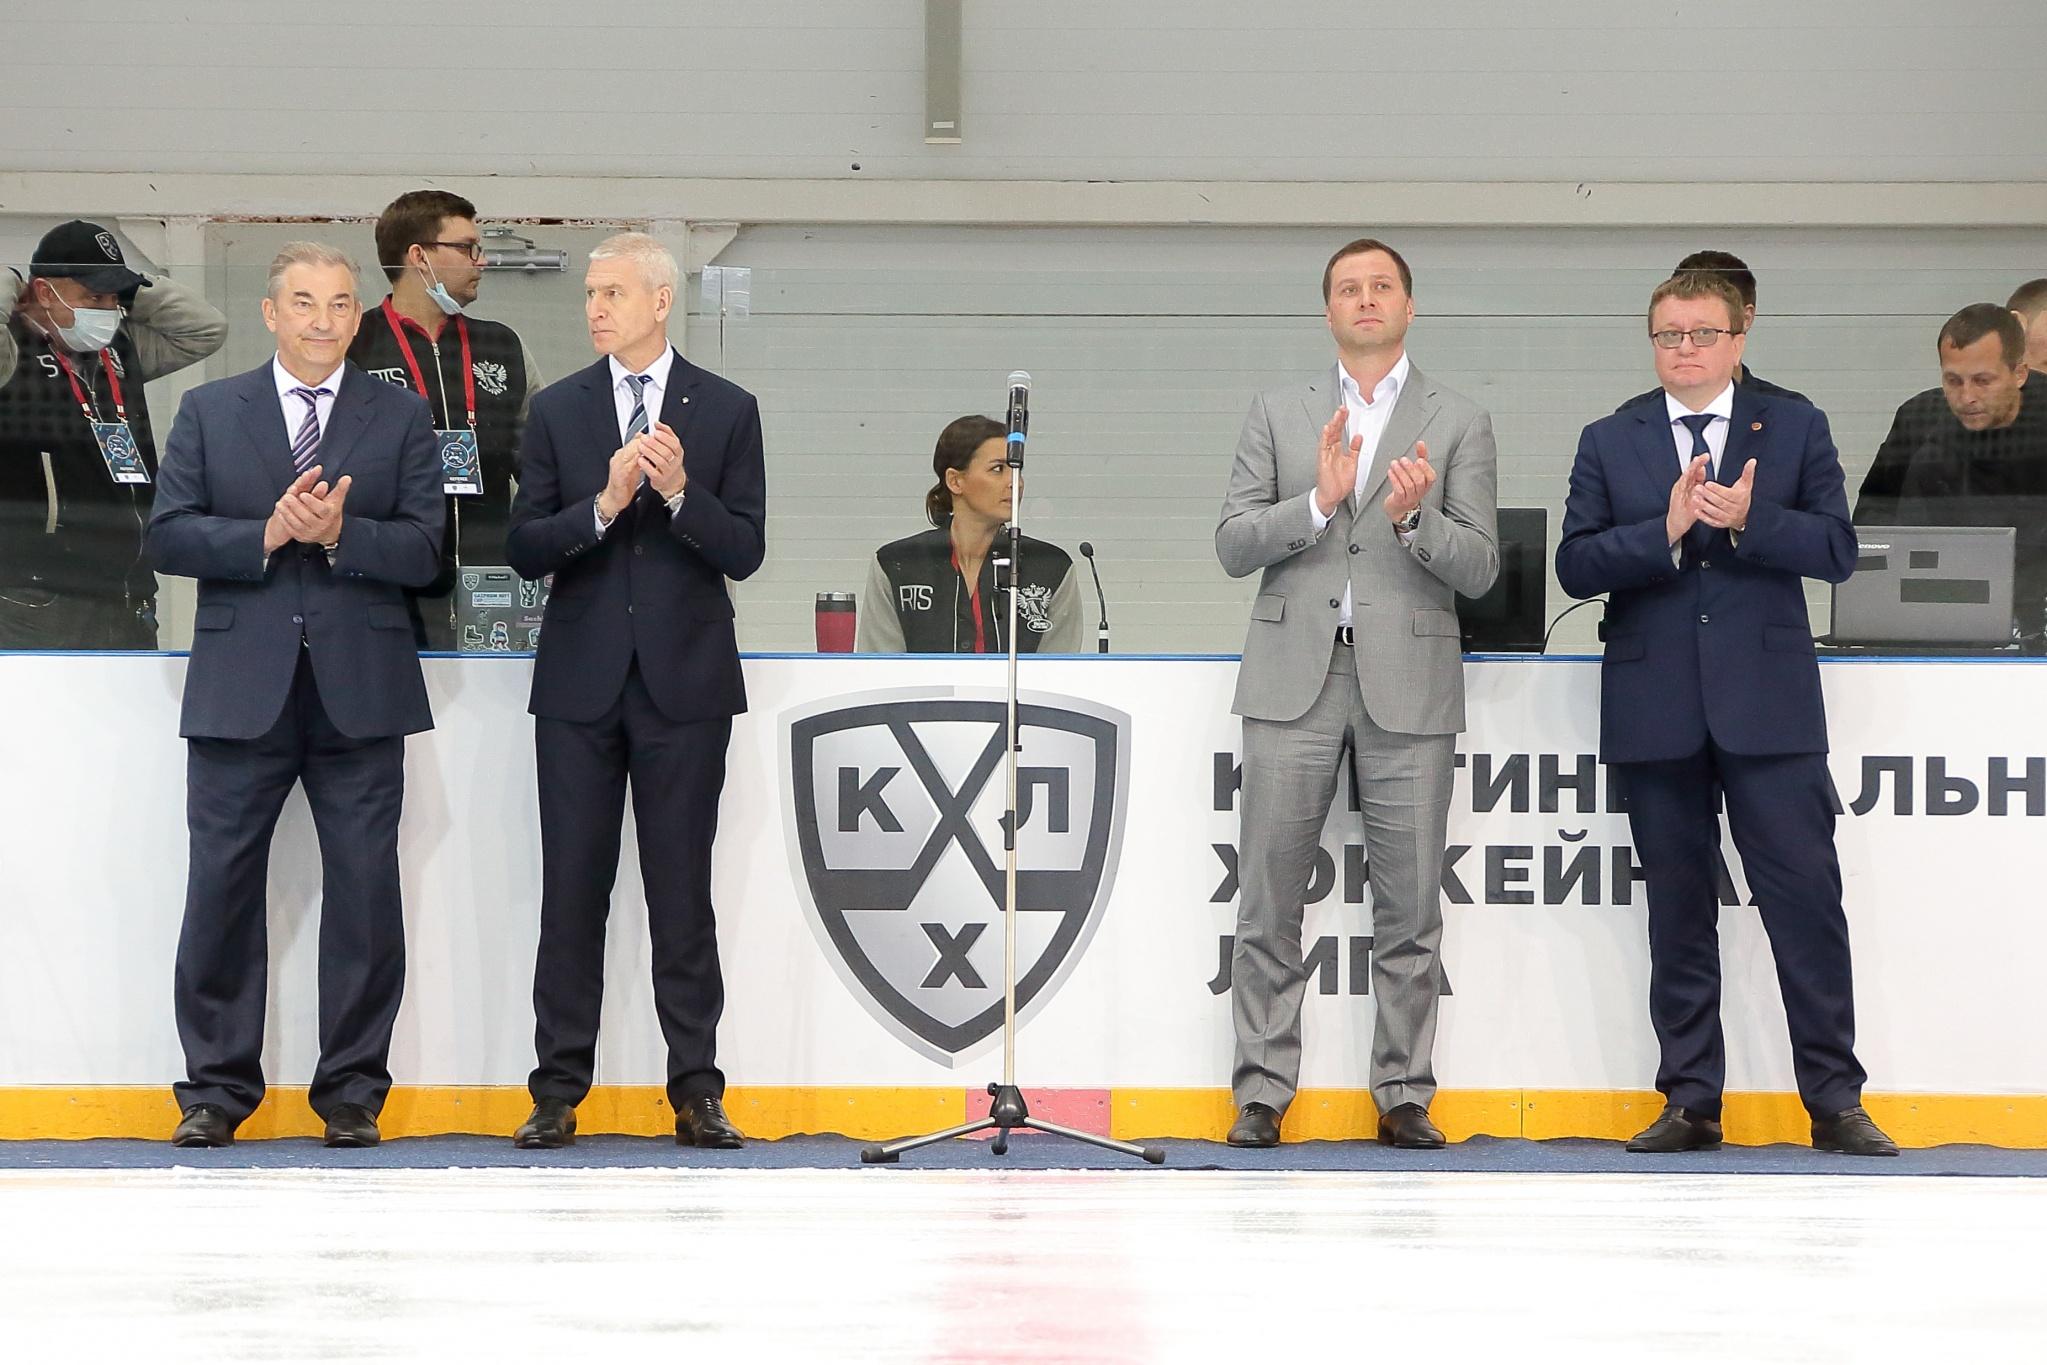 Владислав Третьяк, Олег Матыцин, Алексей Морозов и Андрей Строкин